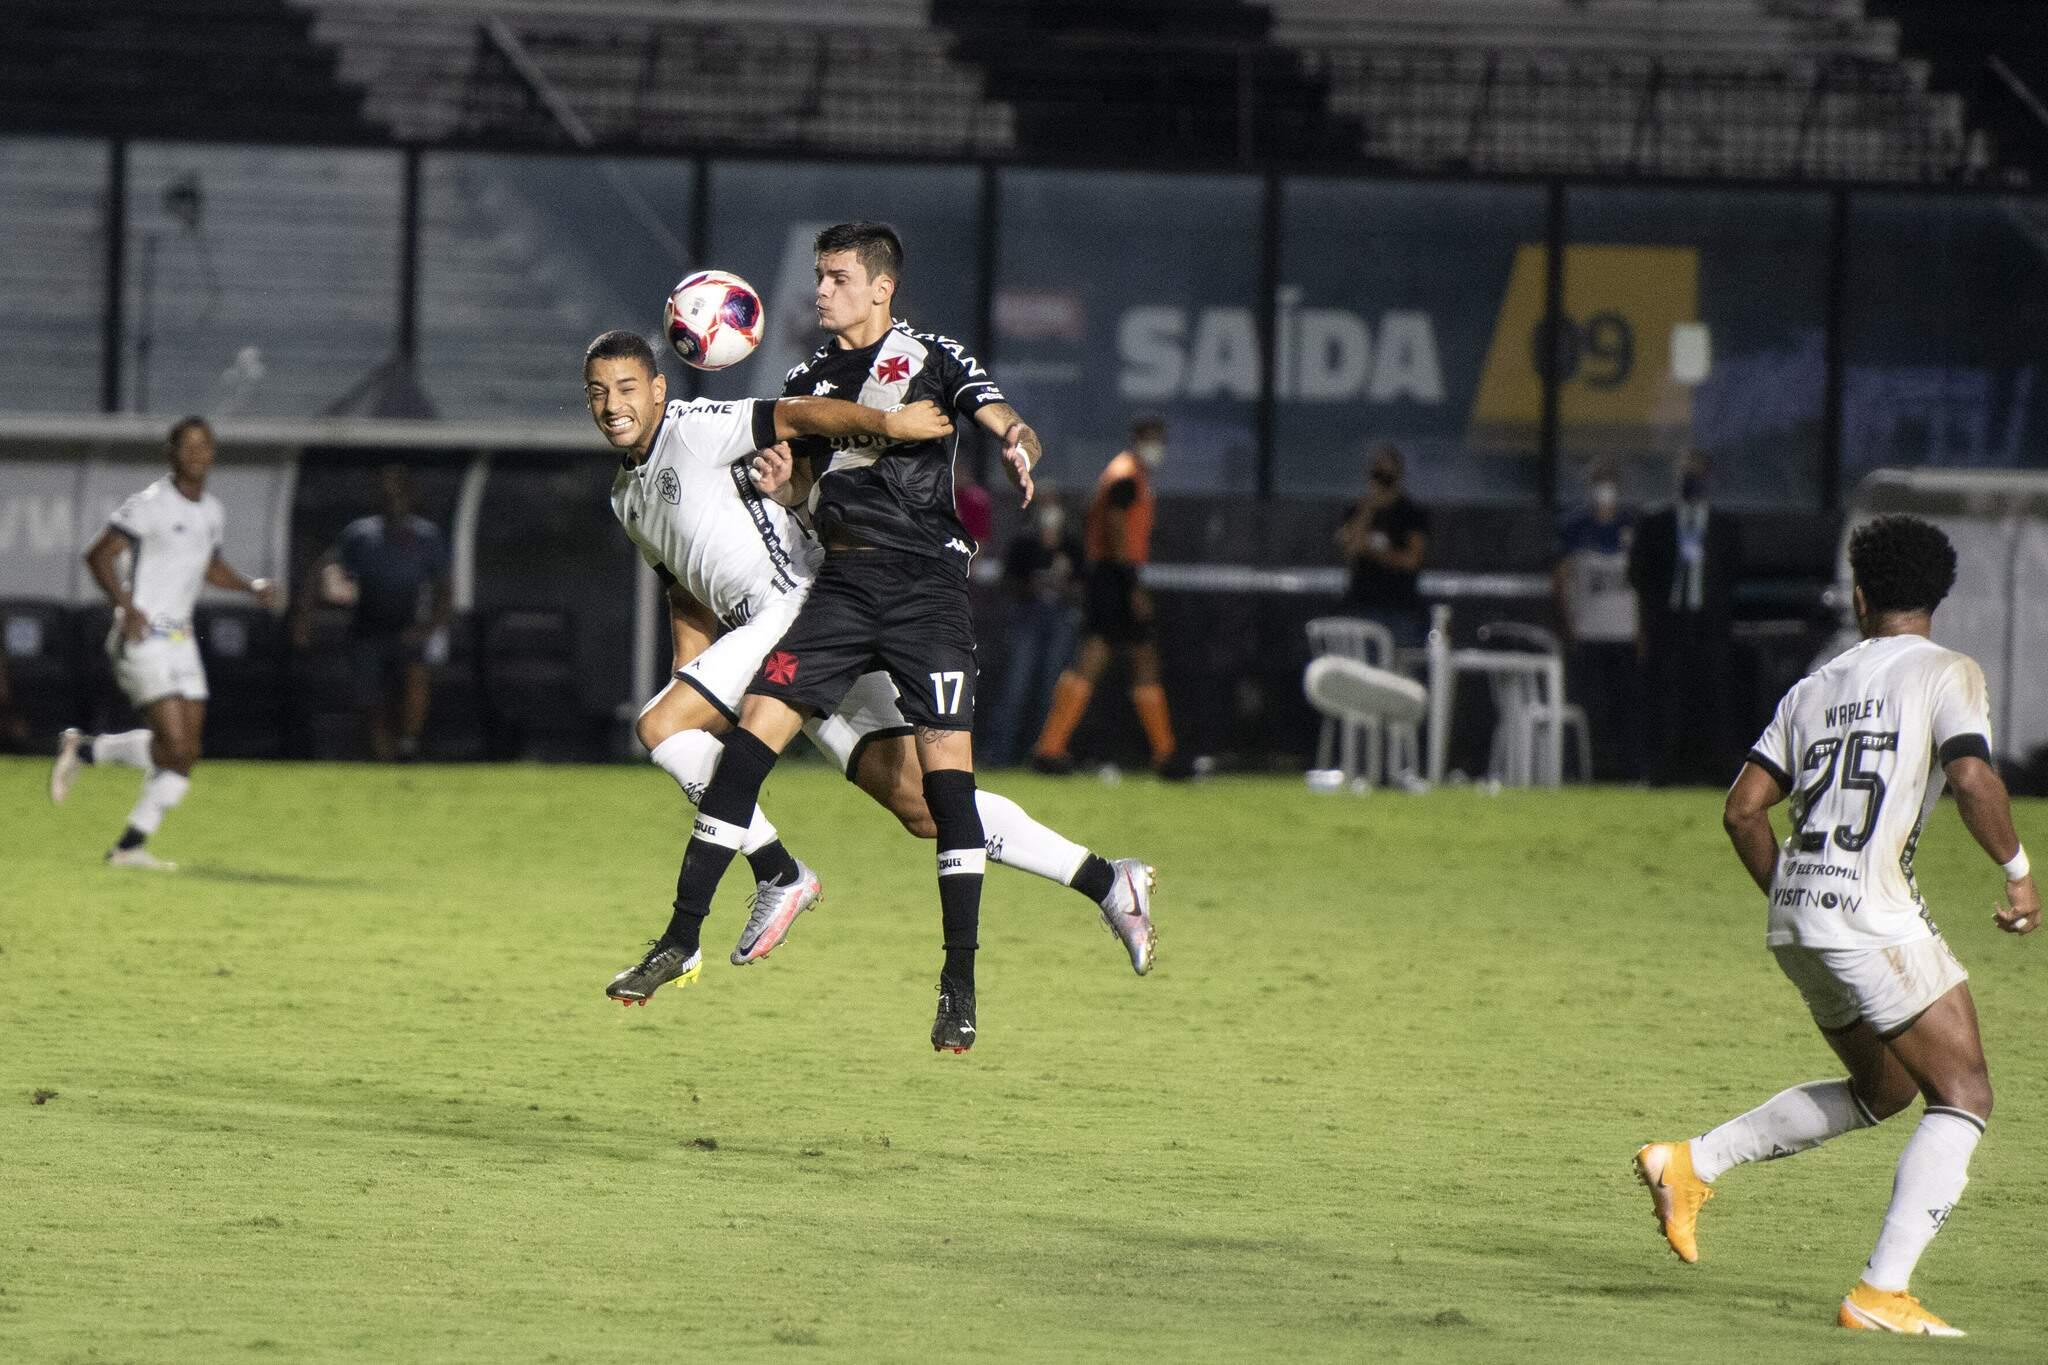 Partida entre as equipes de Vasco e Botafogo, válida pela quarta rodada do Campeonato Carioca 2021, realizada no estádio de São Januario, Zona Norte do Rio, neste domingo (21). (Foto: Estadão Conteúdo)